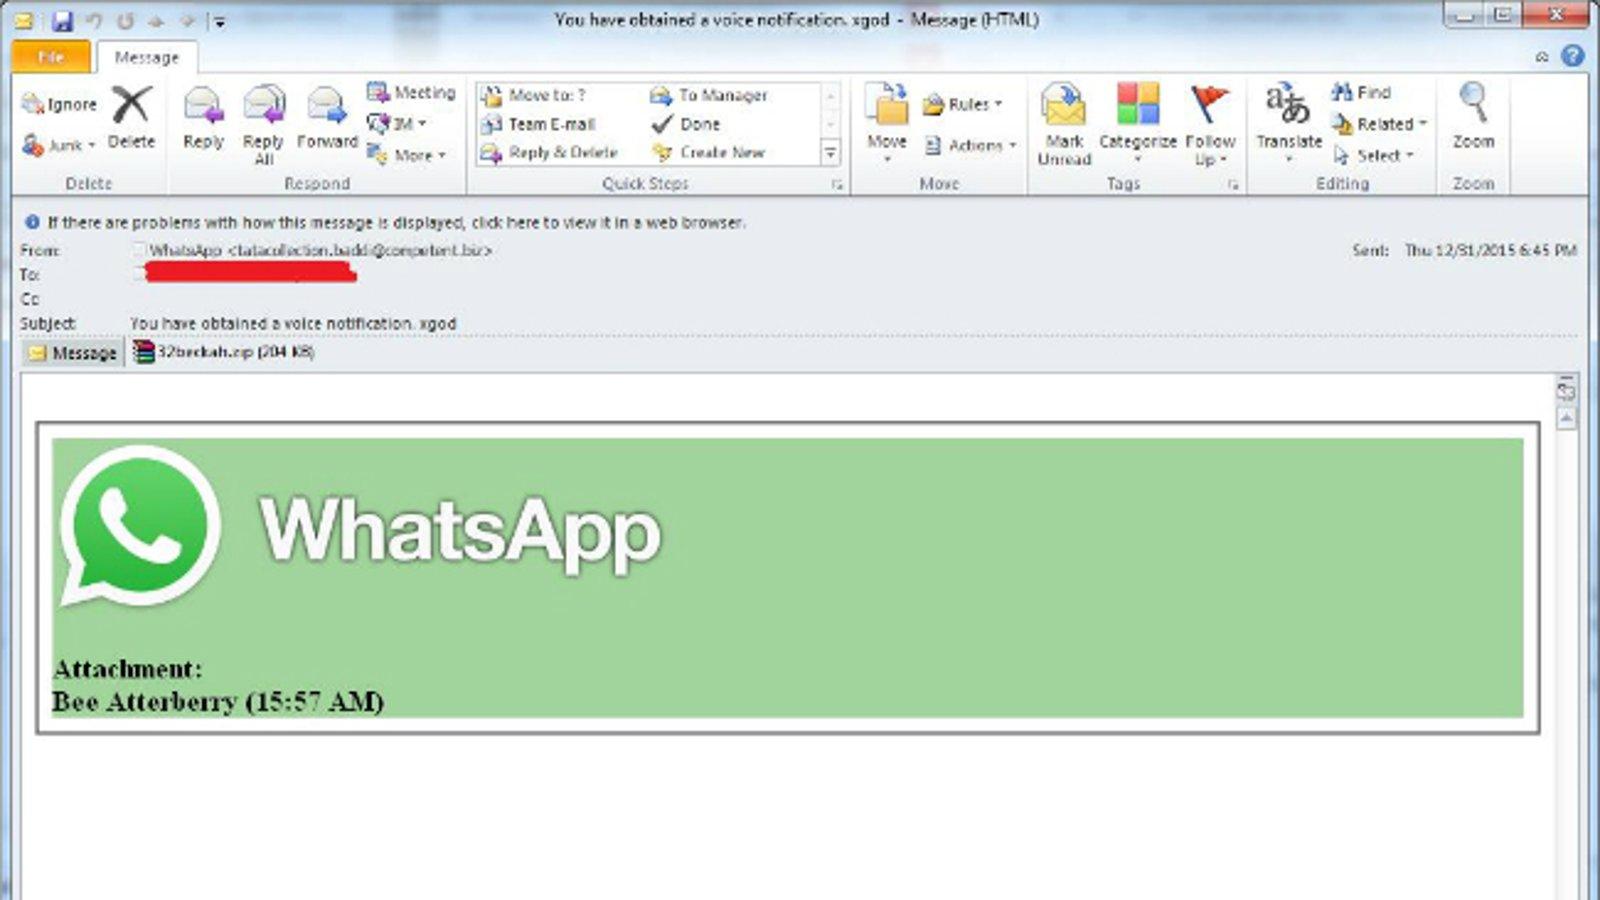 WhatsApp Phishing Email Template